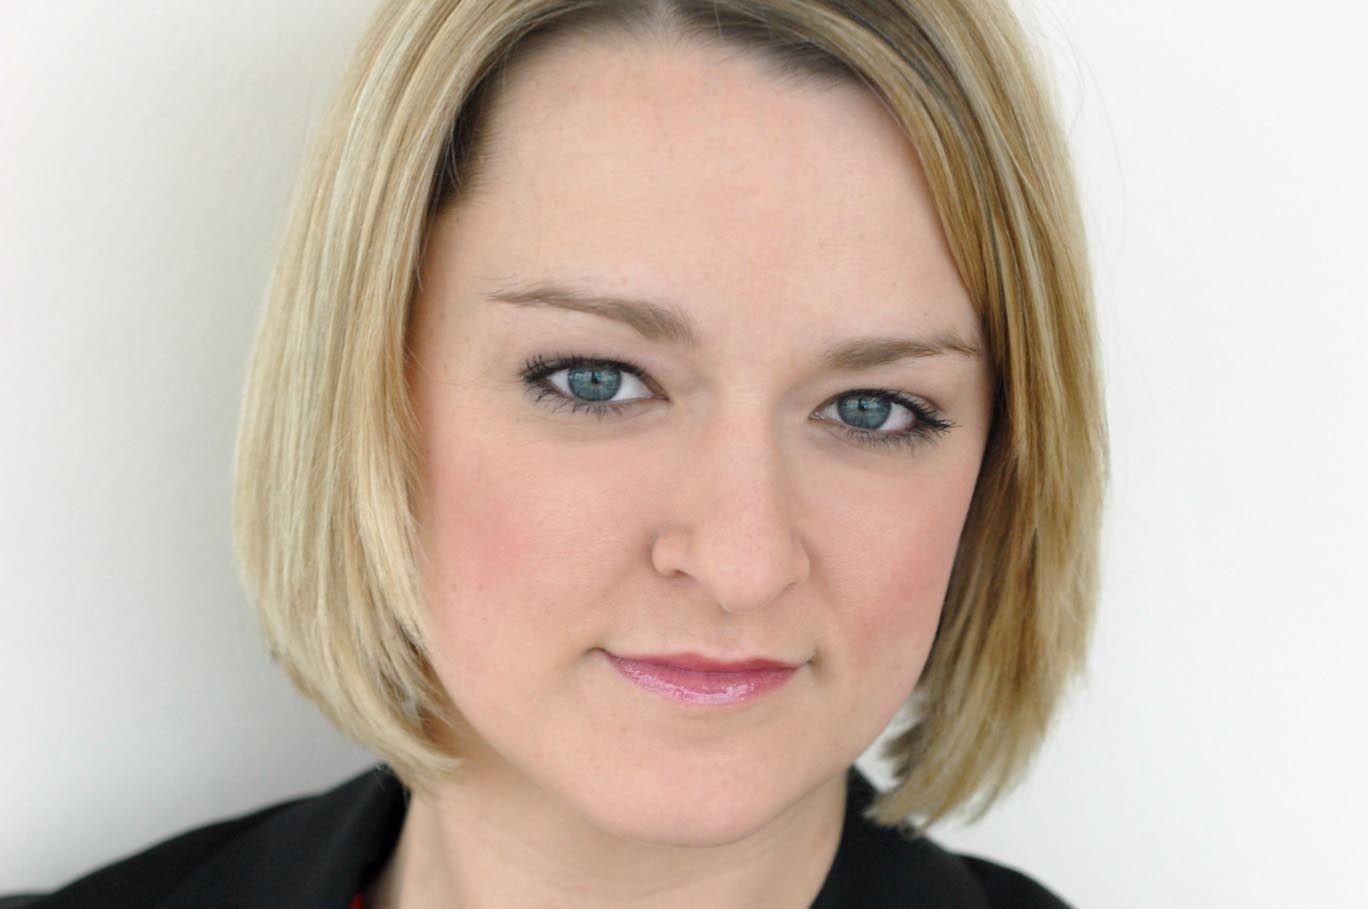 Laura Kuenssberg